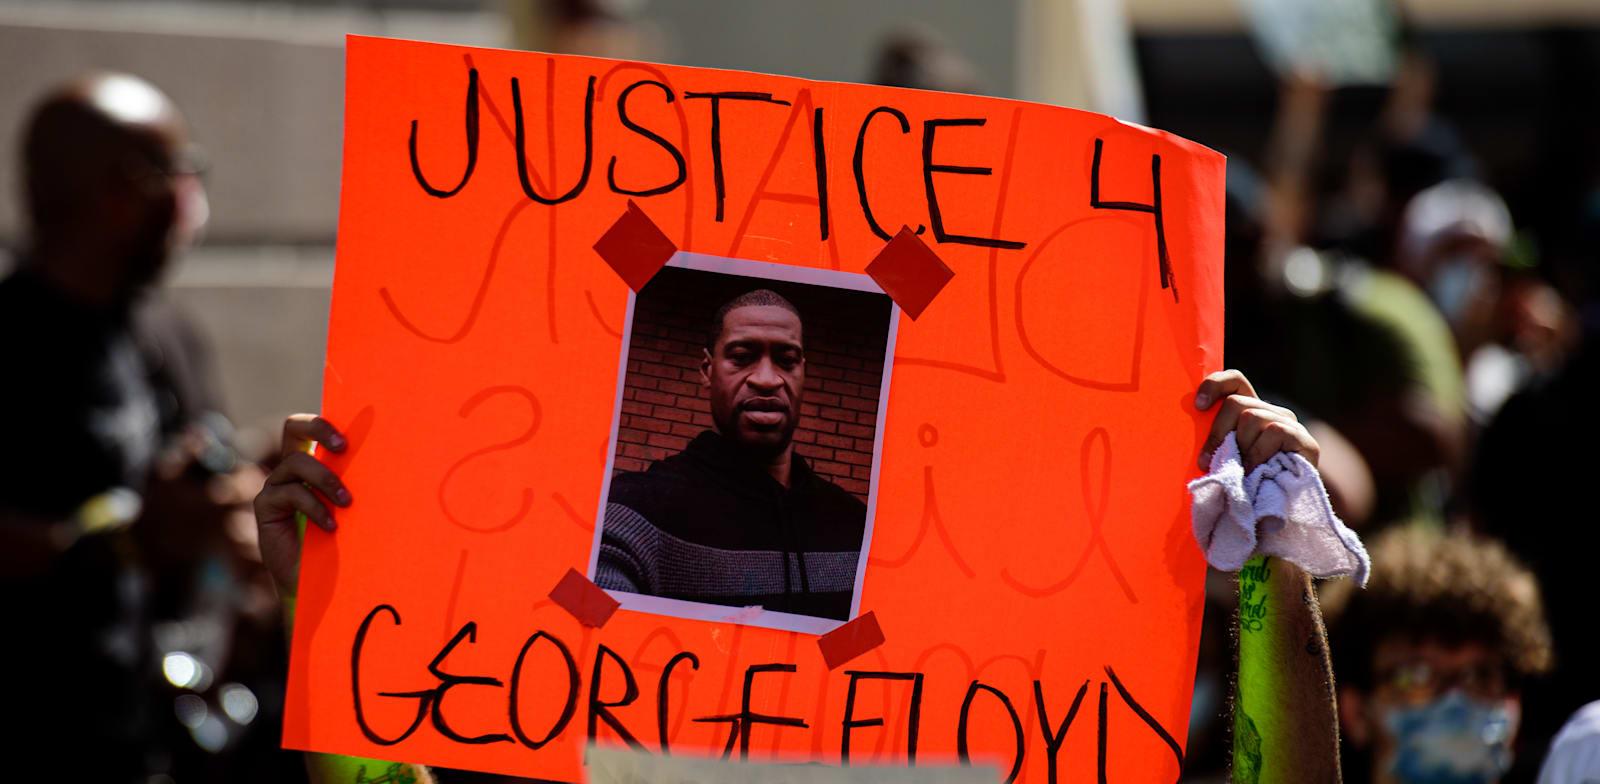 הפגנה במיאמי בקריאה לצדק במקרה הרצח של ג'ורג' פלויד / צילום: Shutterstock